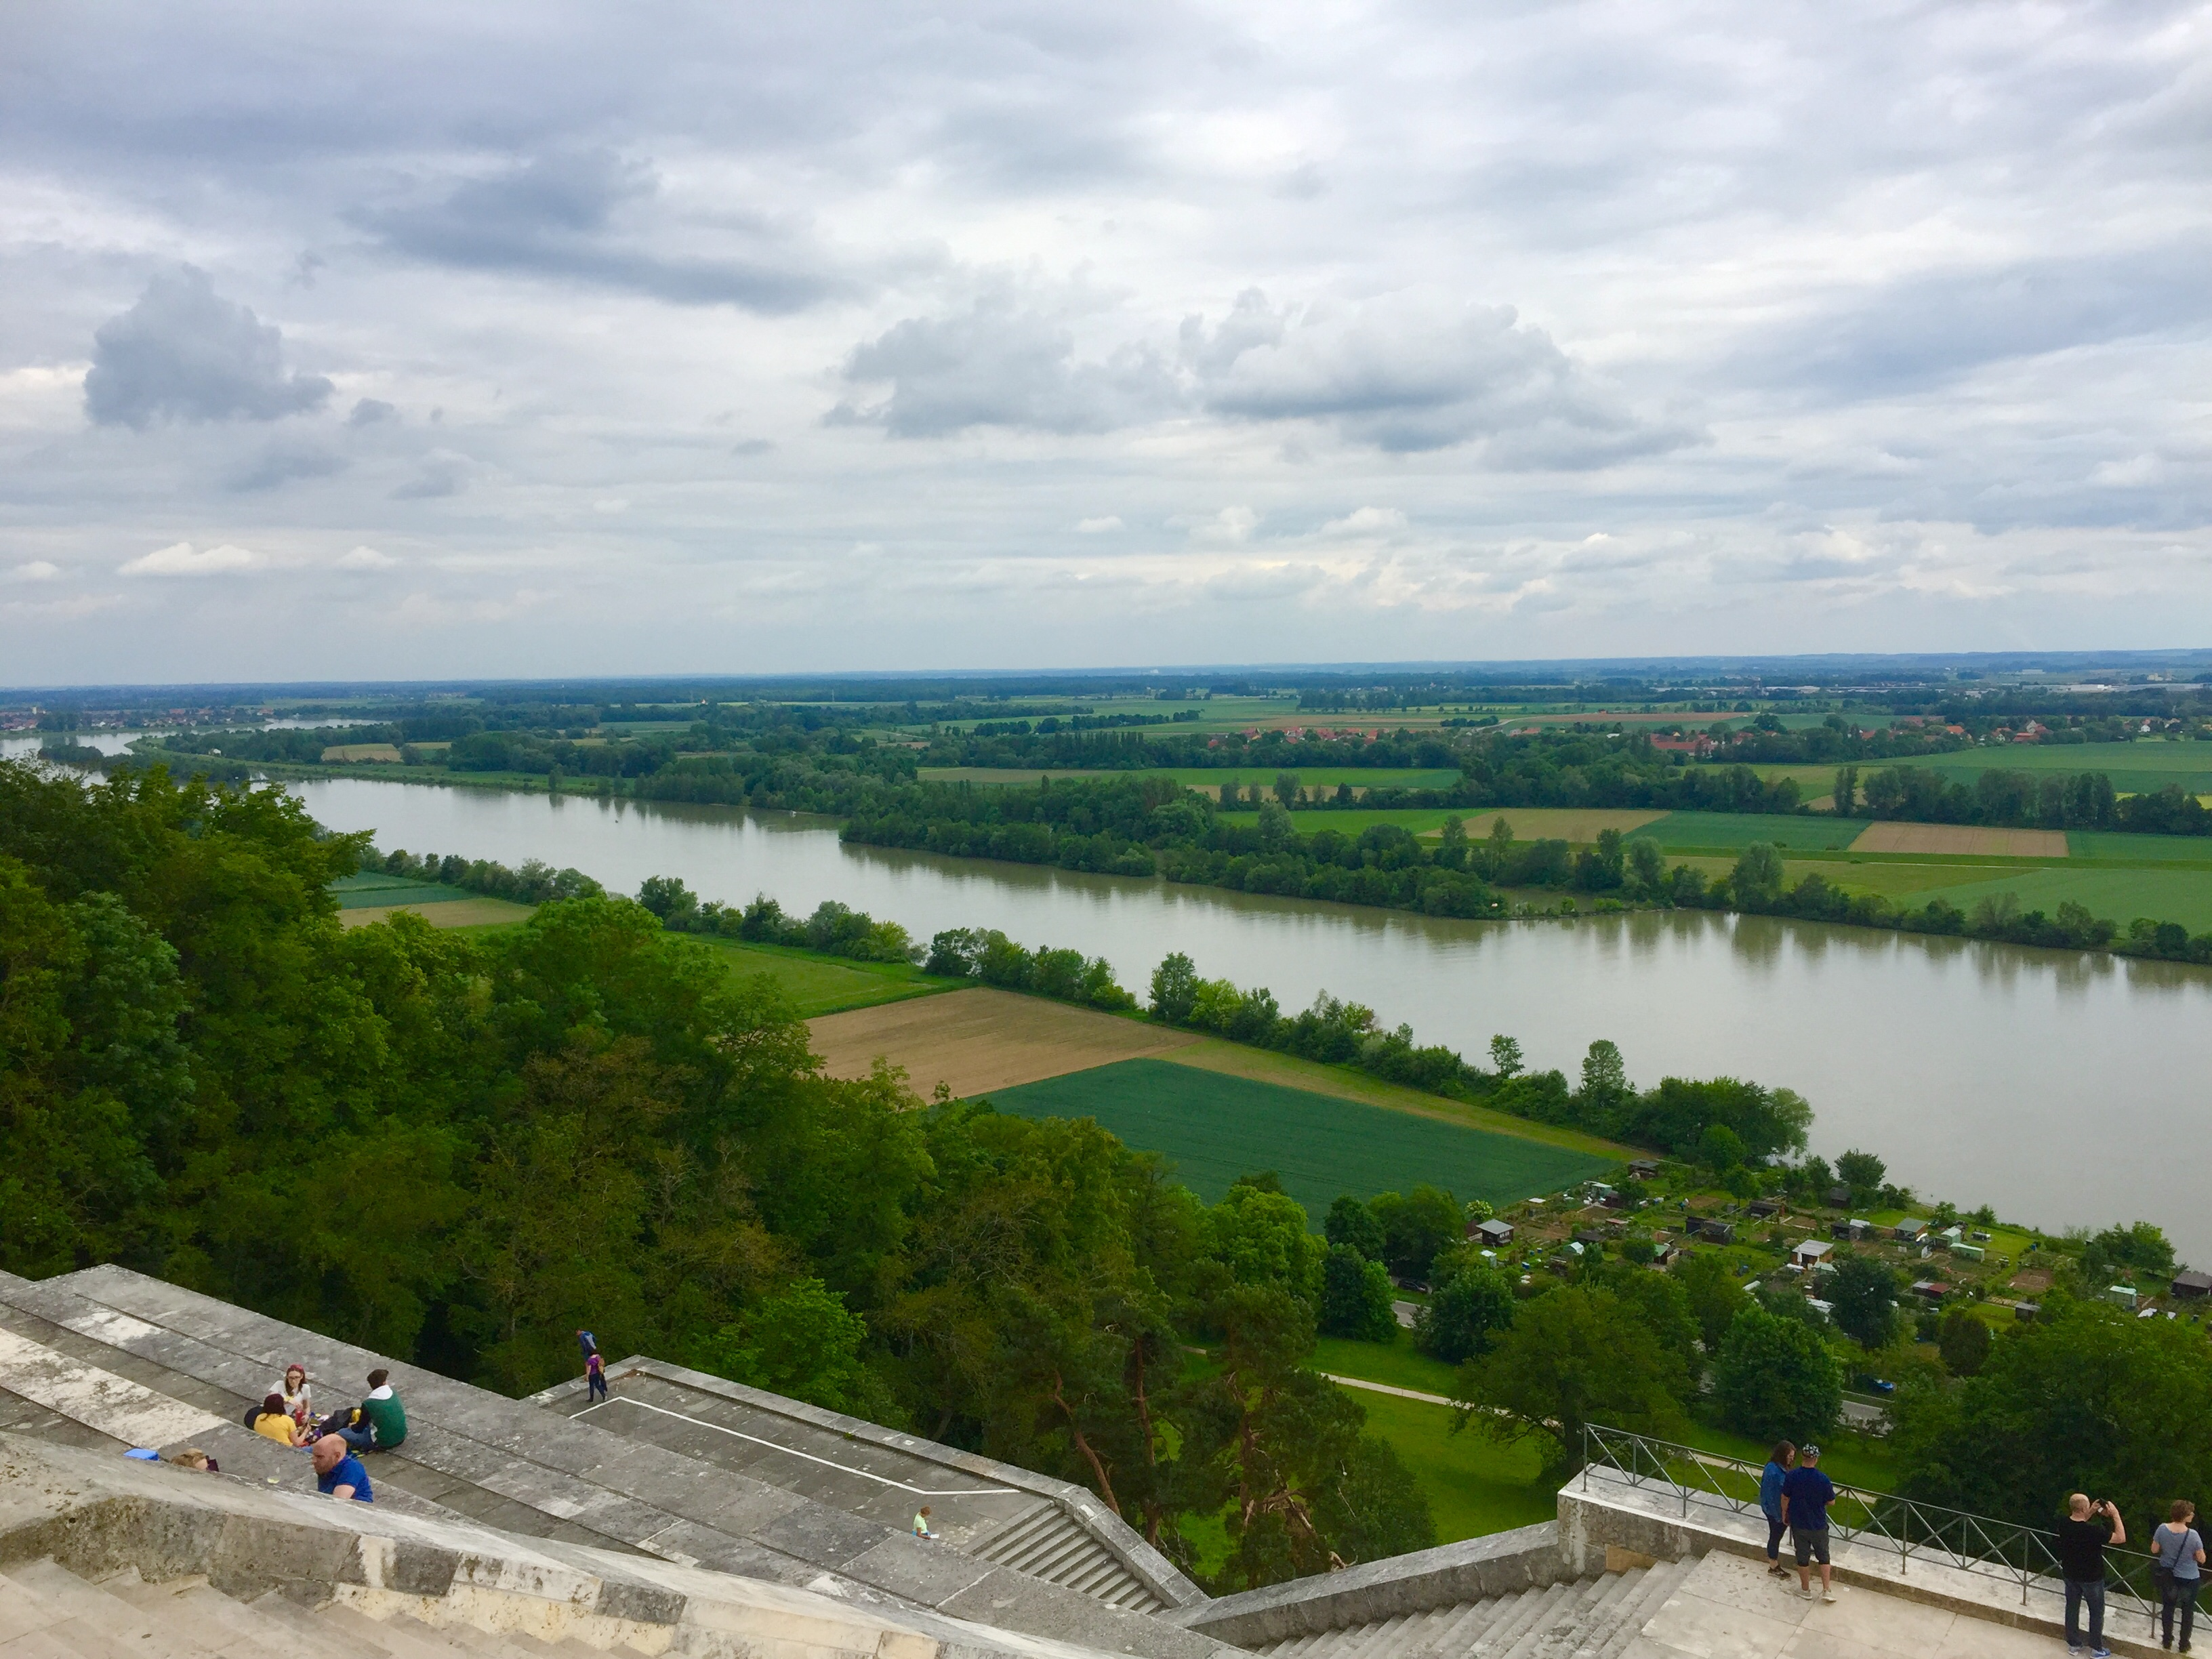 Sensationelle Ausblick auf die Donau von der Walhalla